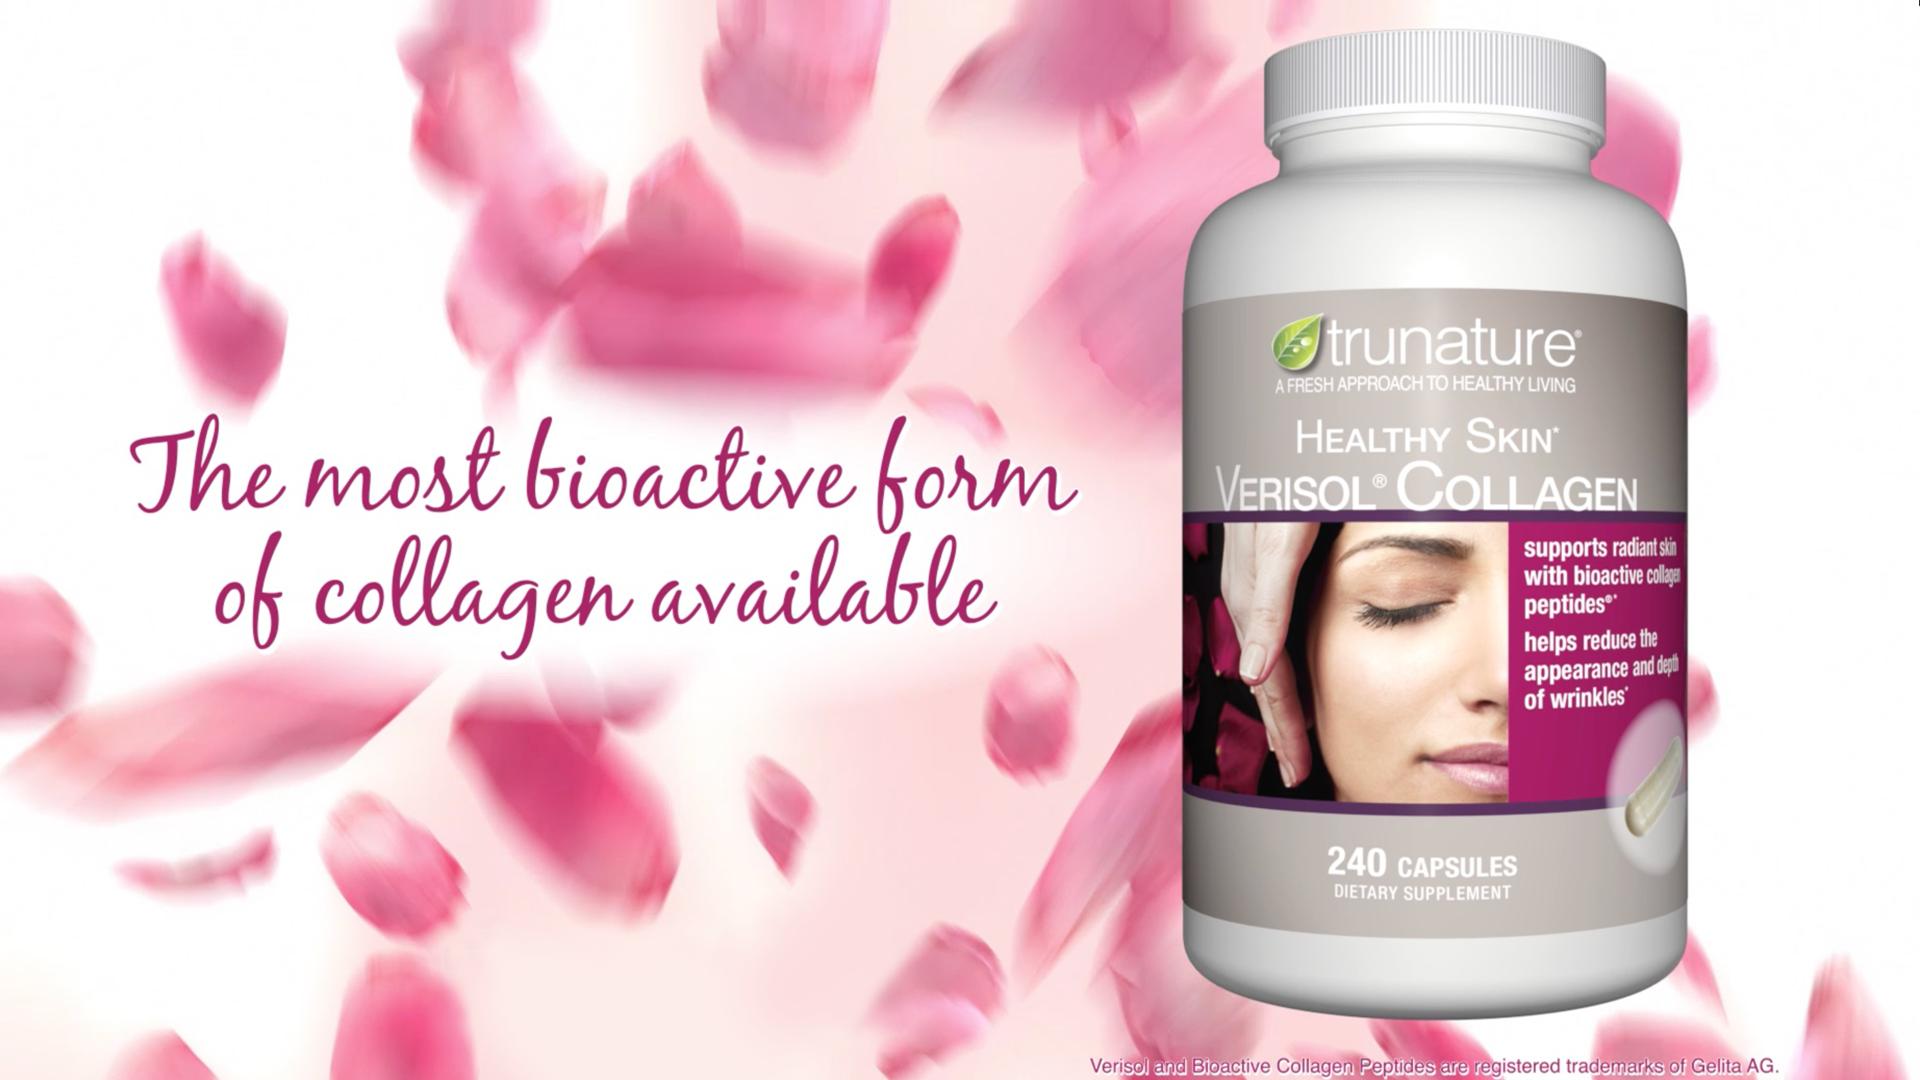 Viên uống bổ sung Collagen Trunature Healthy Skin hỗ trợ chăm sóc da tươii trẻ